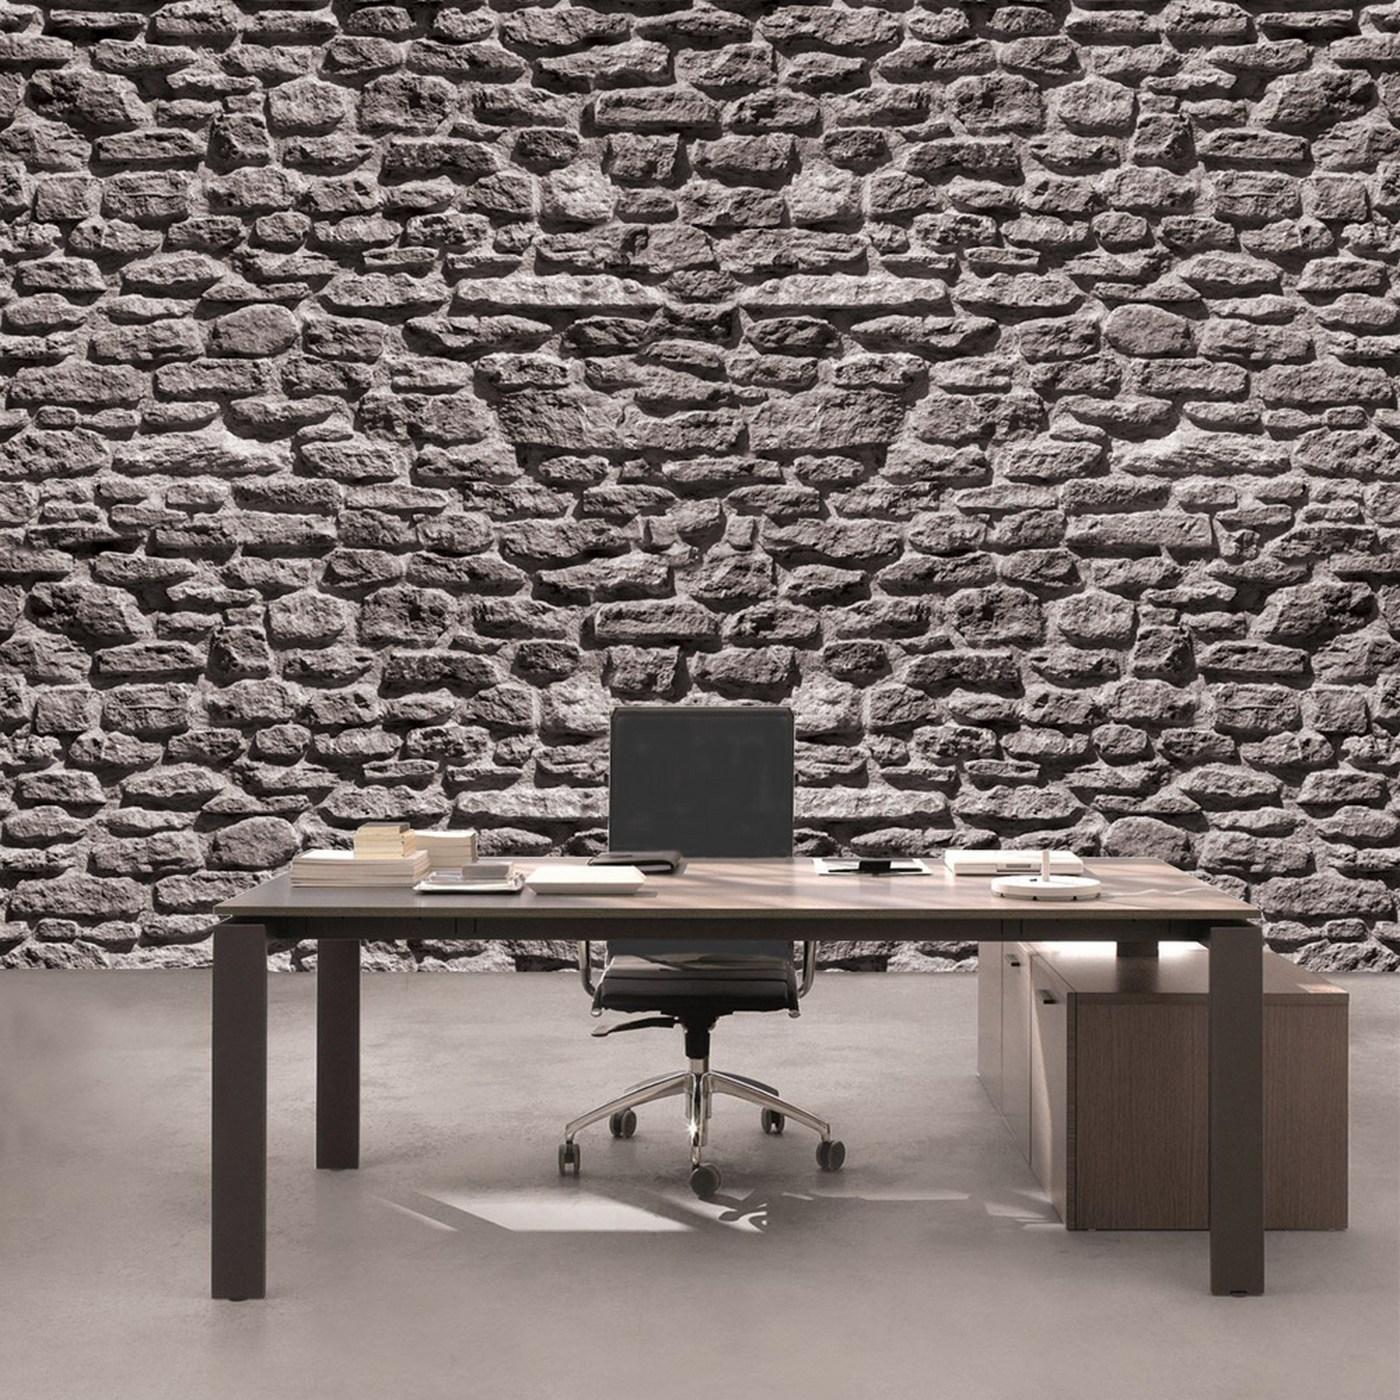 Vlies Fototapete 1618 - Steinwand Tapete Stein Steinoptik Steine Wand Wall  Steintapete grau